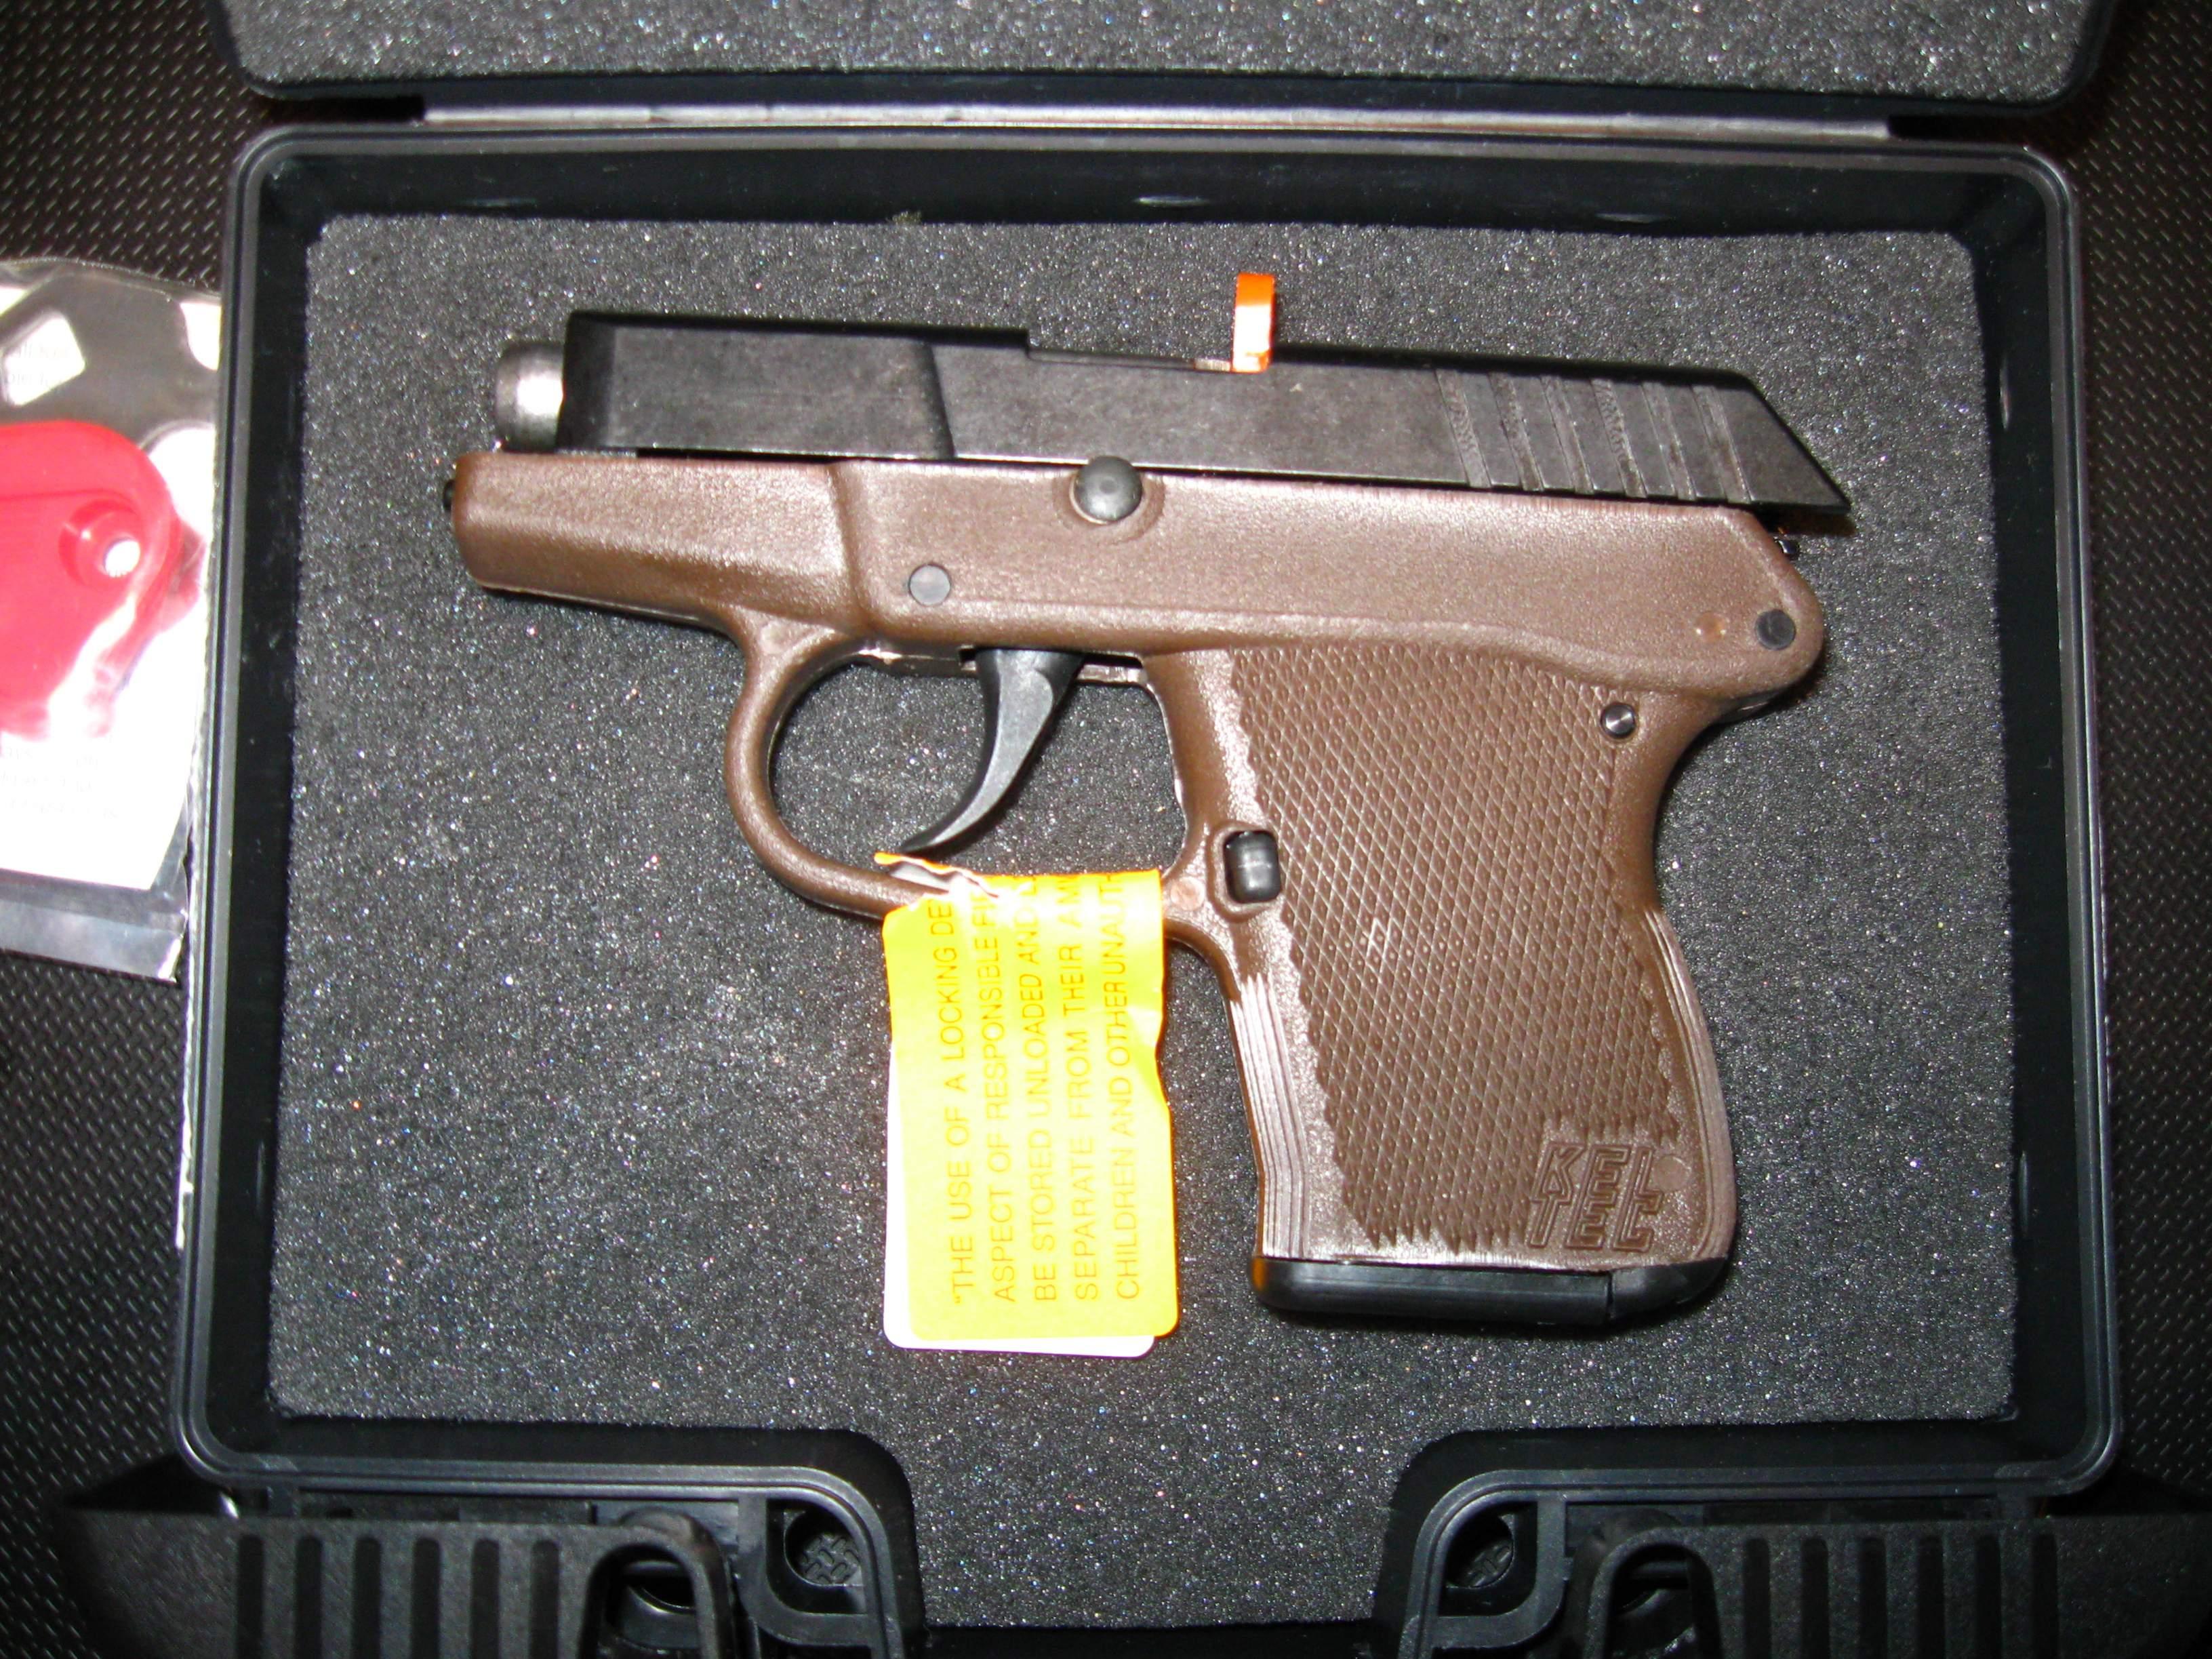 Keltec - Kel Tec P3aT range report and review  | Gun and